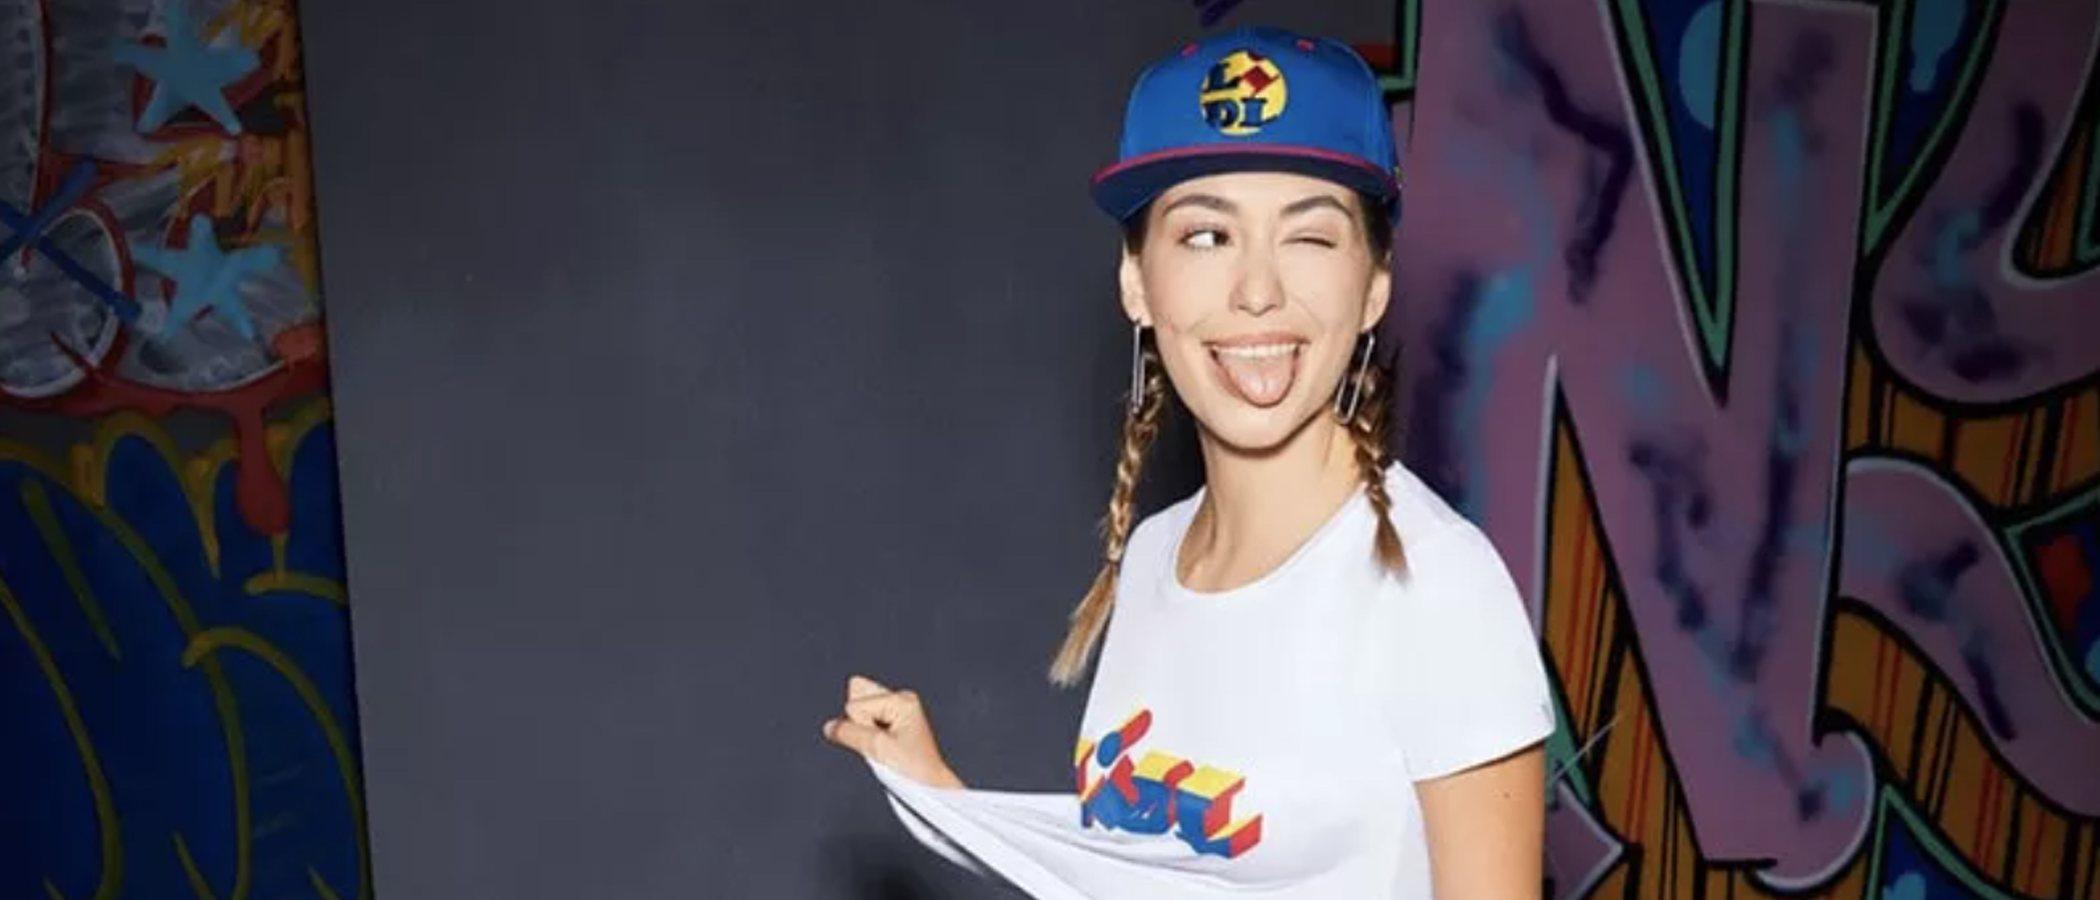 Lidl ahora vende también en España su línea de ropa corporativa y exclusiva